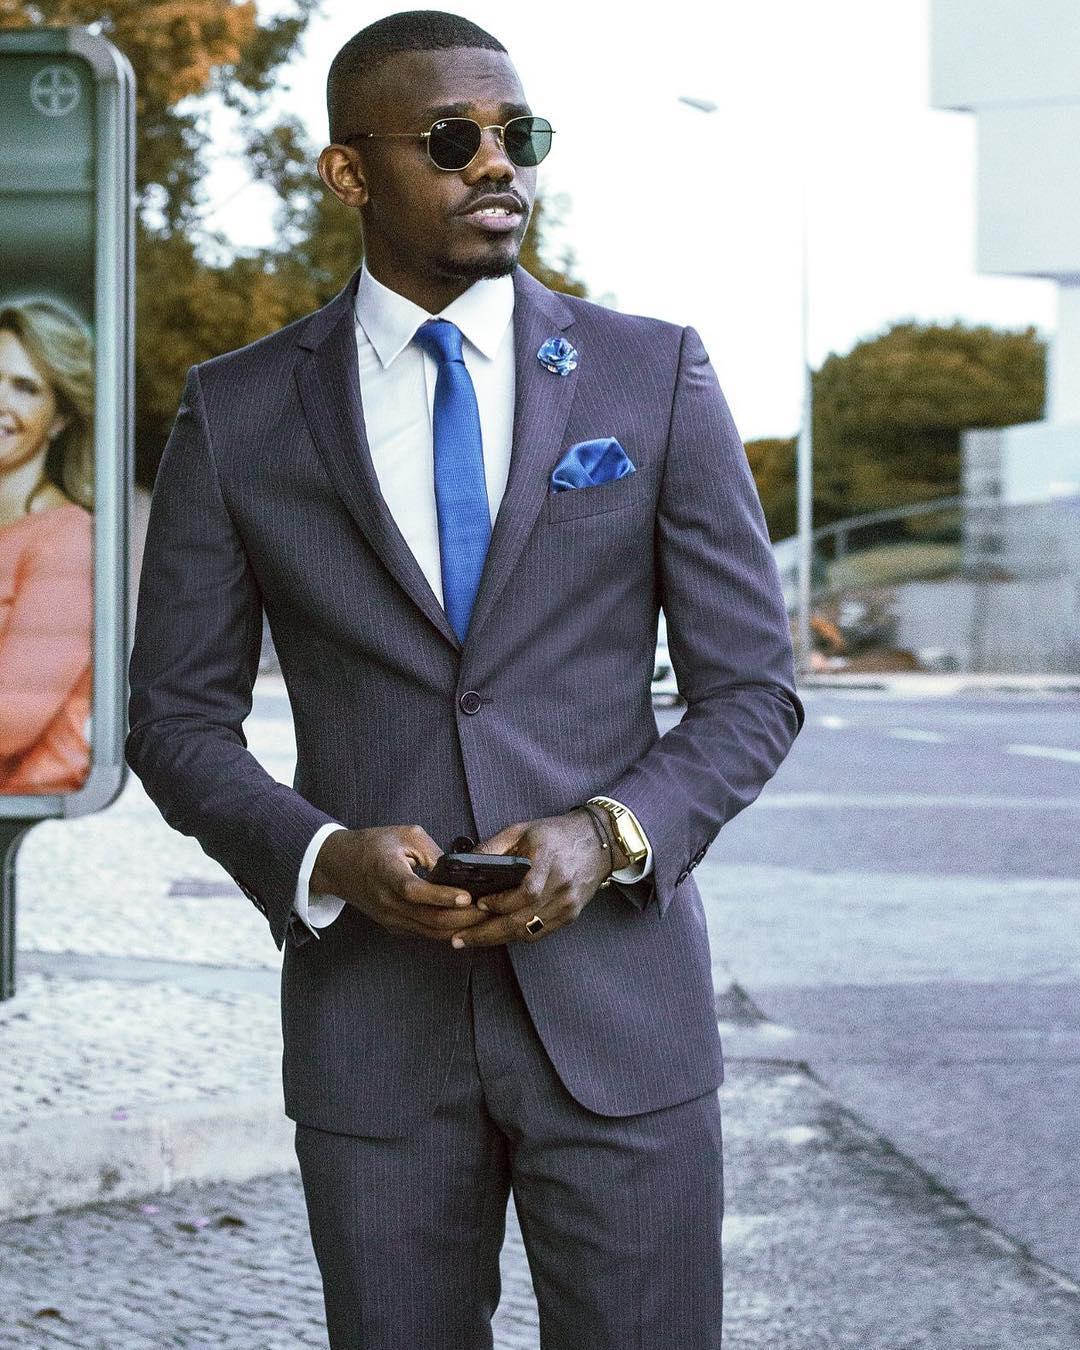 """O 'Upgrade' de Gilmário Vemba! - Deixou de ser o """"Ti Martins"""" e passou a ser chamado pelo próprio nome ou também como """"Mr. Fila da Goda"""" e tornou-se num Fashion Influencer."""